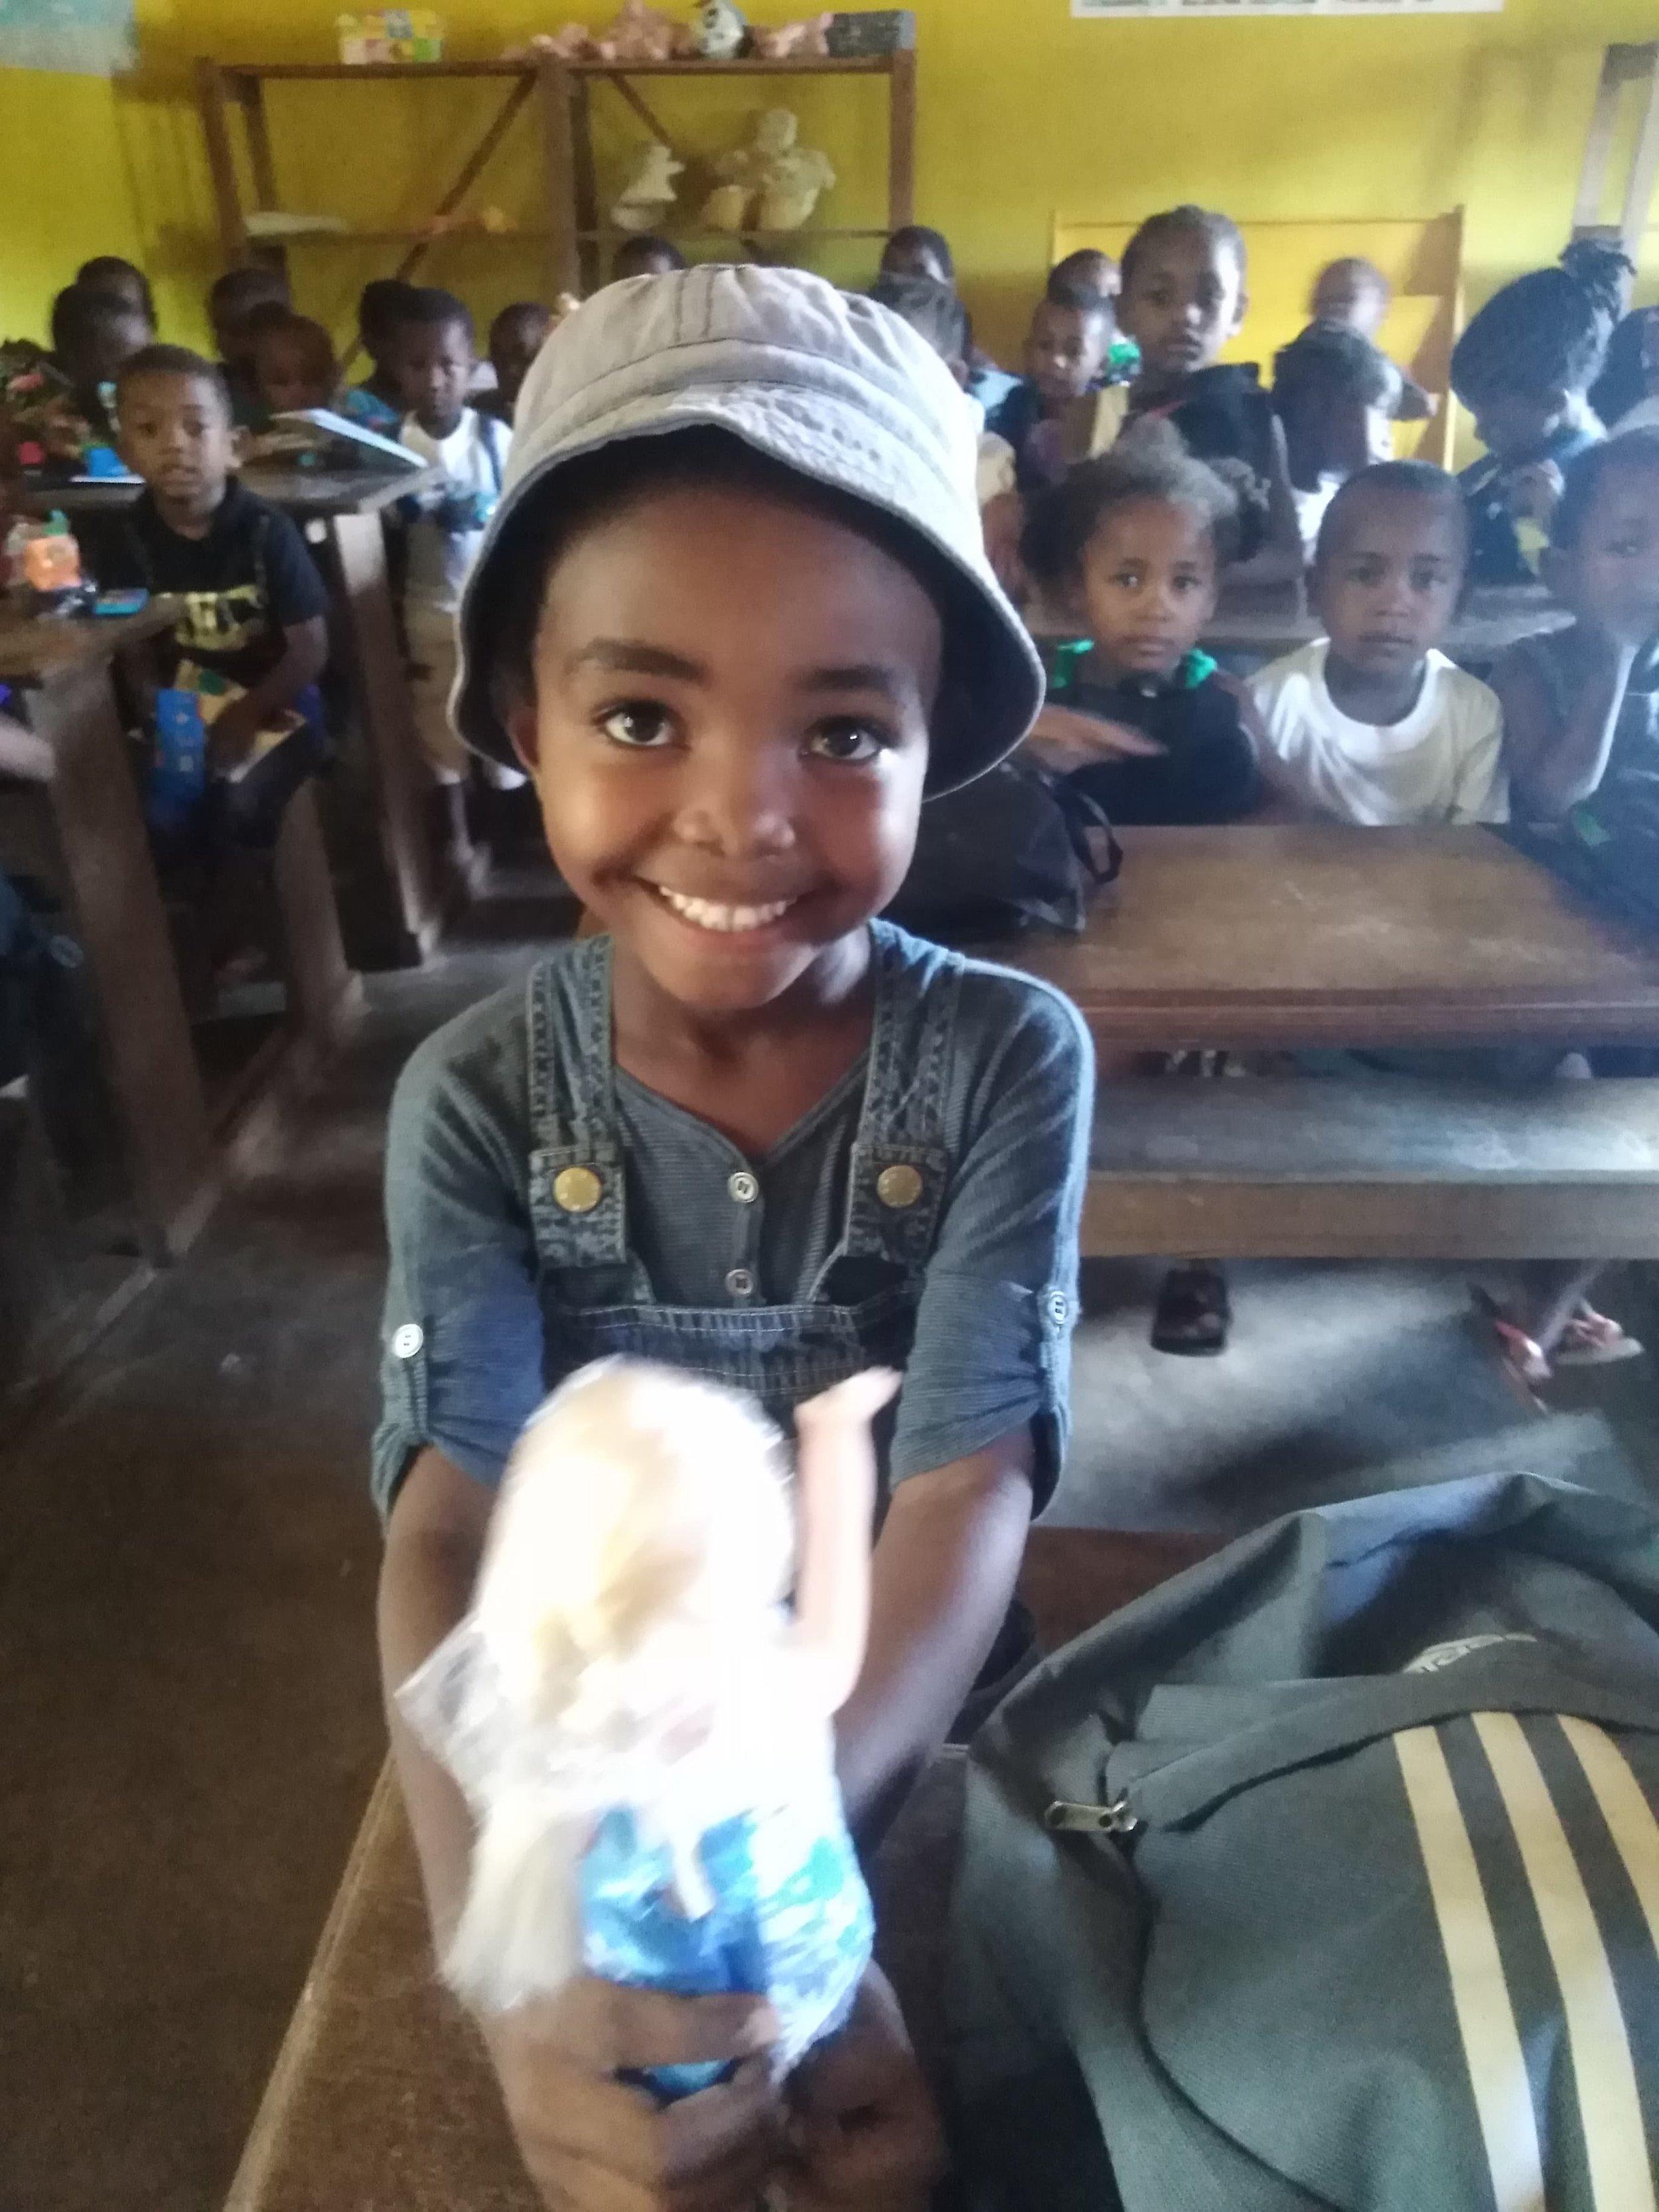 Azirata Zara Zaïmah, Ambassadrice Officielle de l'Association Bio Chef Global Spirit pour la région de l'Ankarana à Madagascar > Cultiver la différence, se nourrir des autres @TheBioChef Global Spirit Association